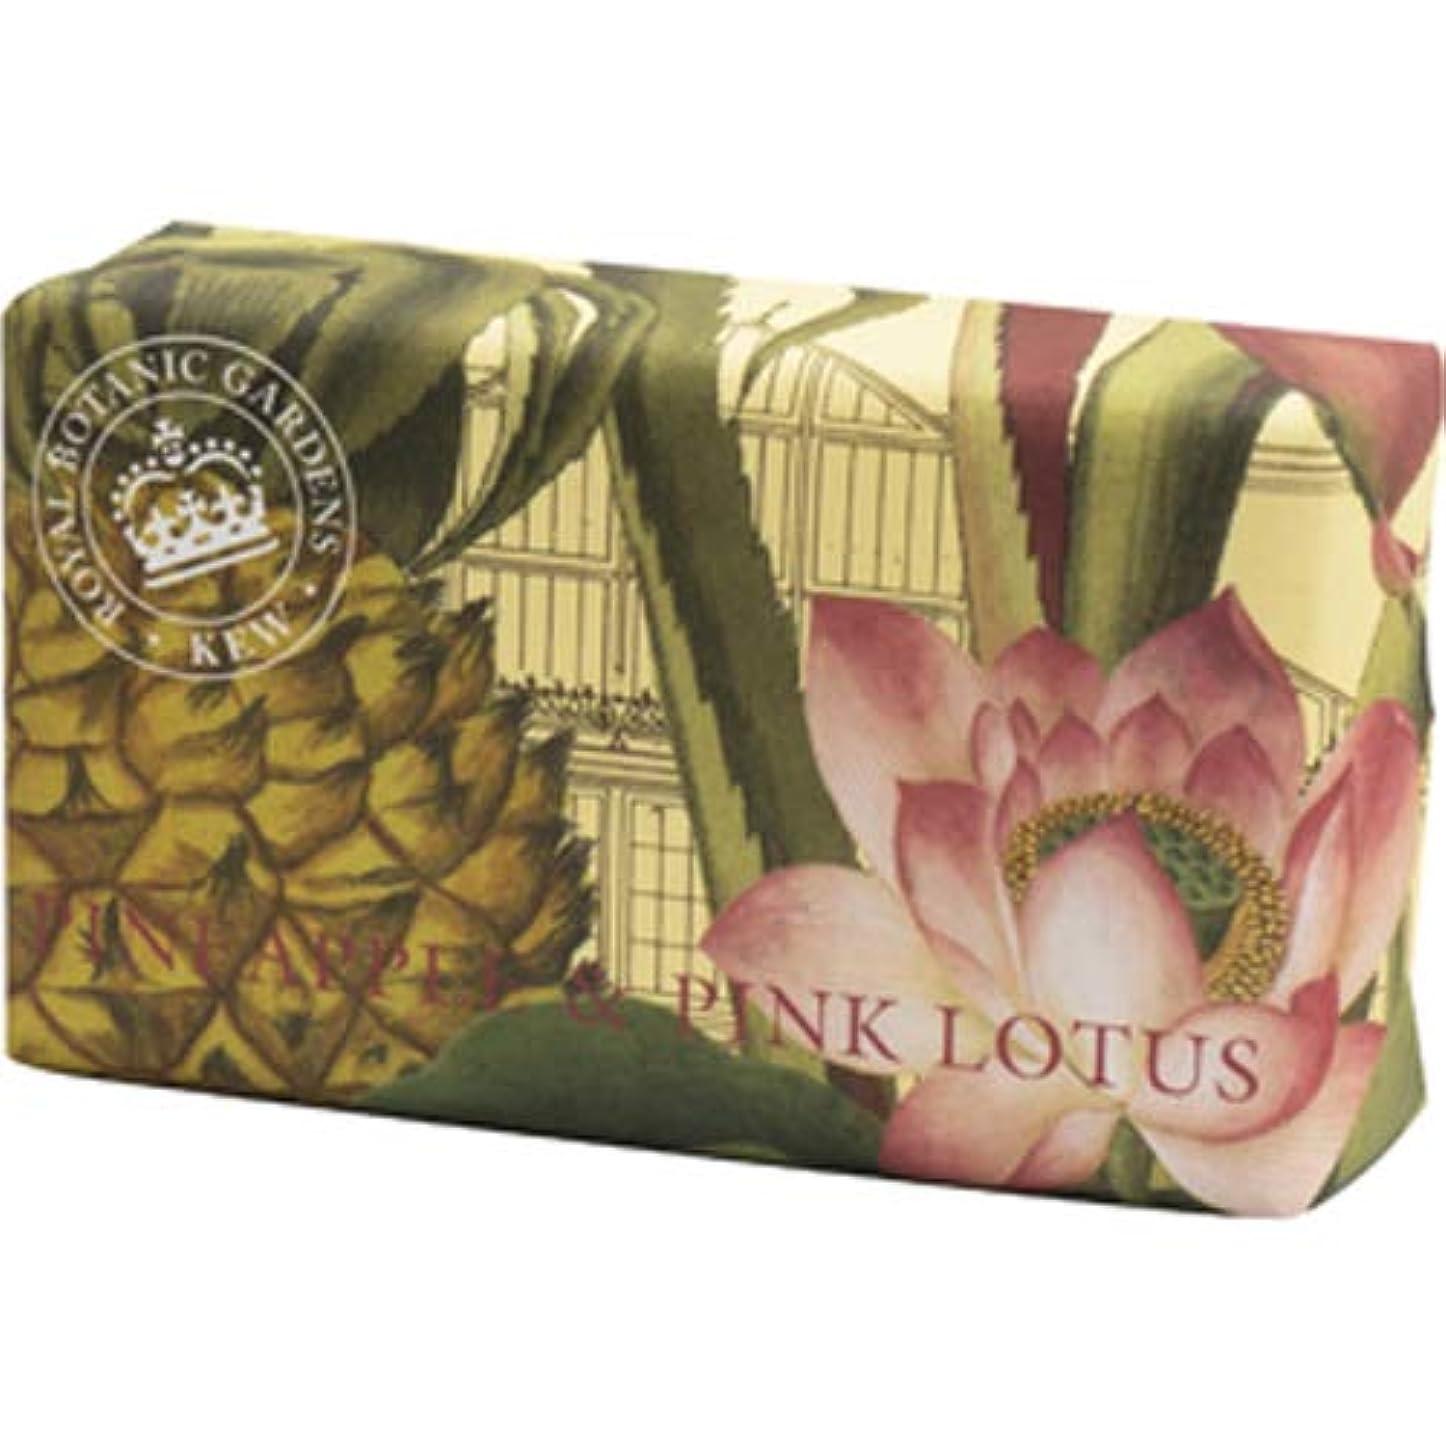 検索エンジン最適化パイプライン本体English Soap Company イングリッシュソープカンパニー KEW GARDEN キュー?ガーデン Luxury Shea Soaps シアソープ Pineapple & Pink Lotus パイナップル...